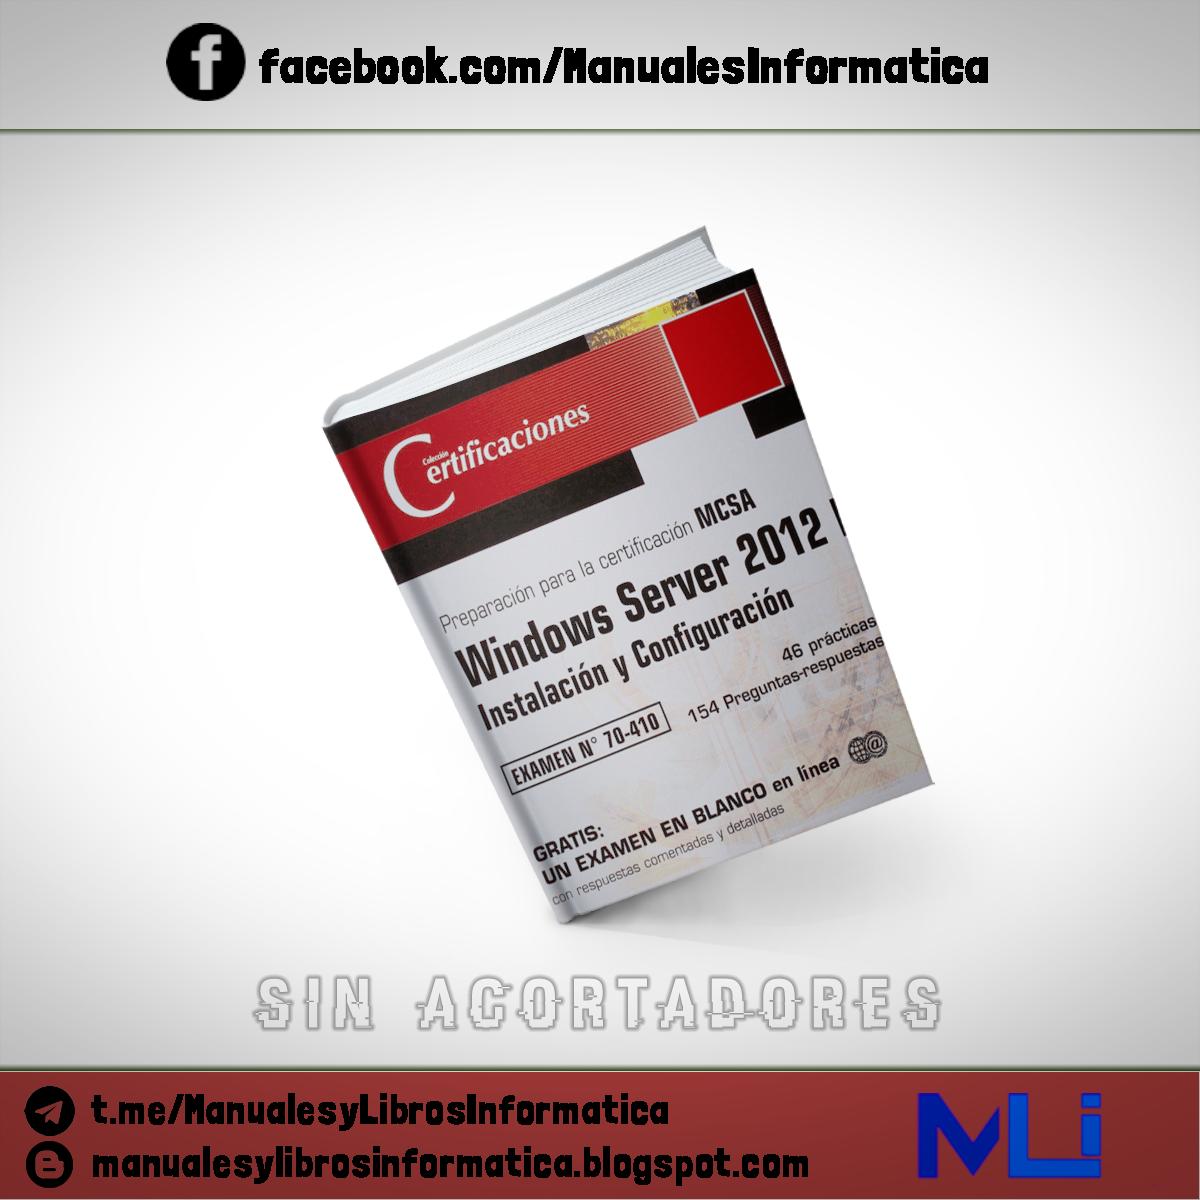 Manuales Y Libros De Informatica Windows Server 2012 R2